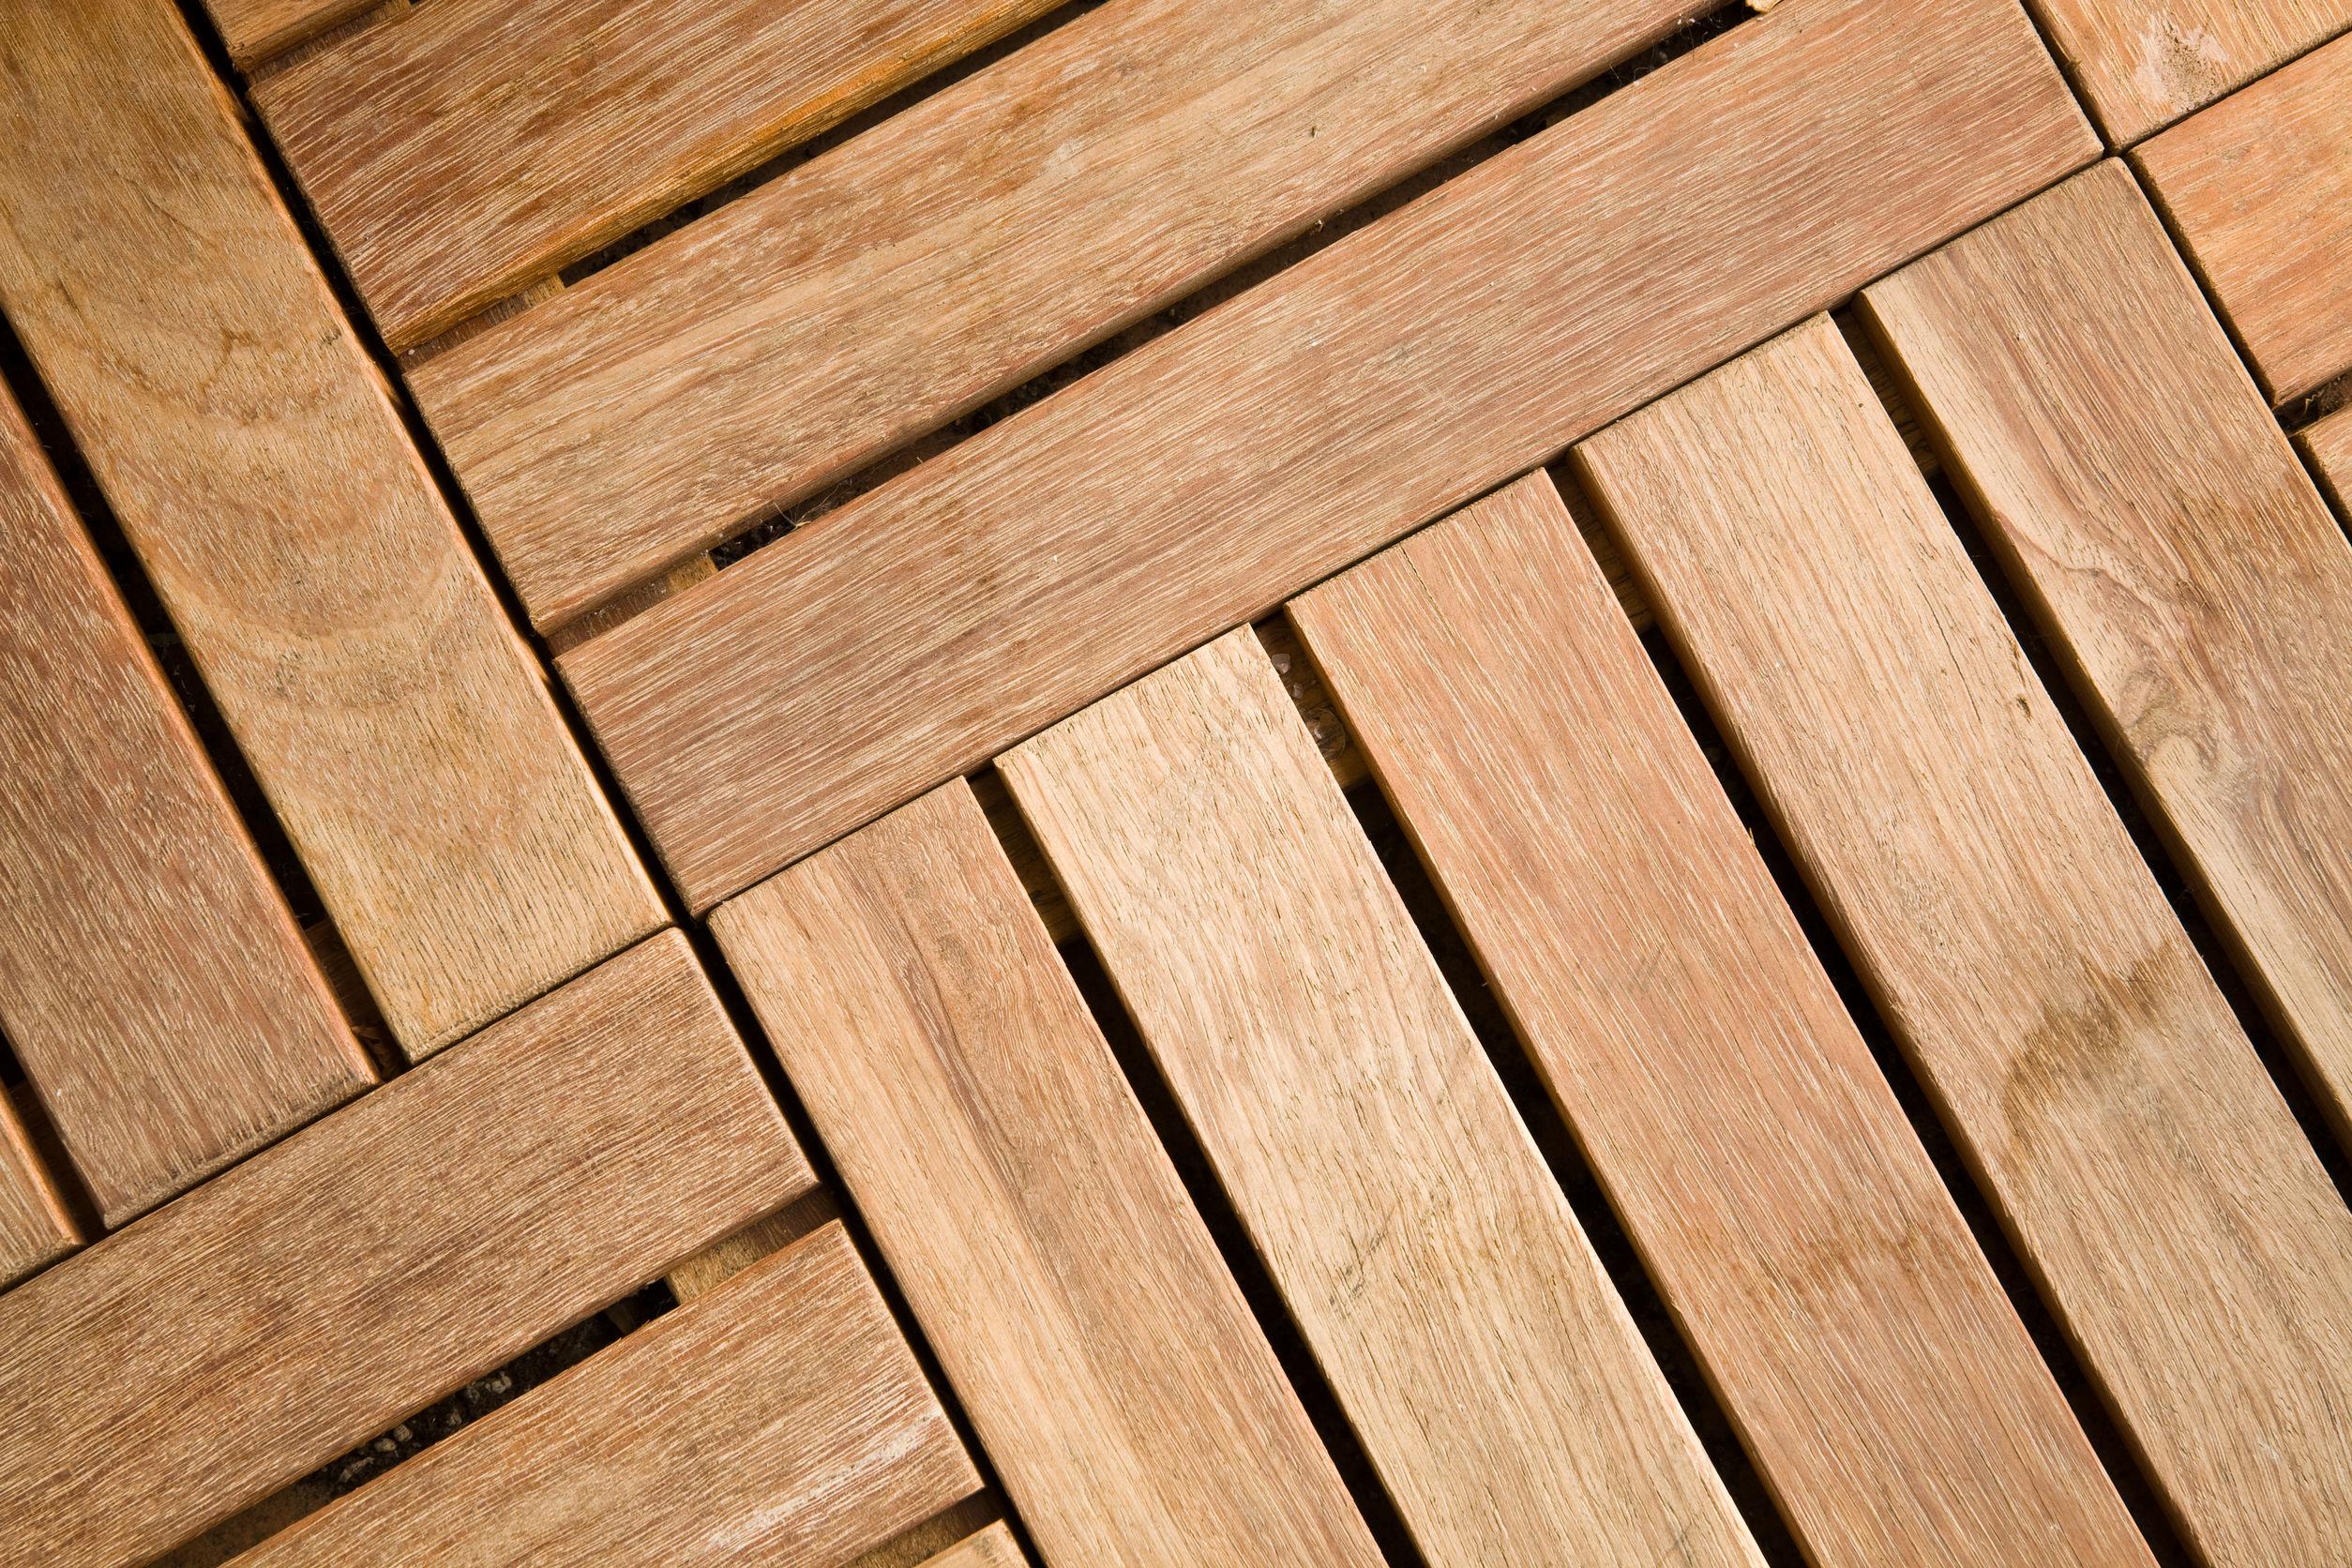 Fliesen aus Holz: Test & Empfehlungen (07/20)